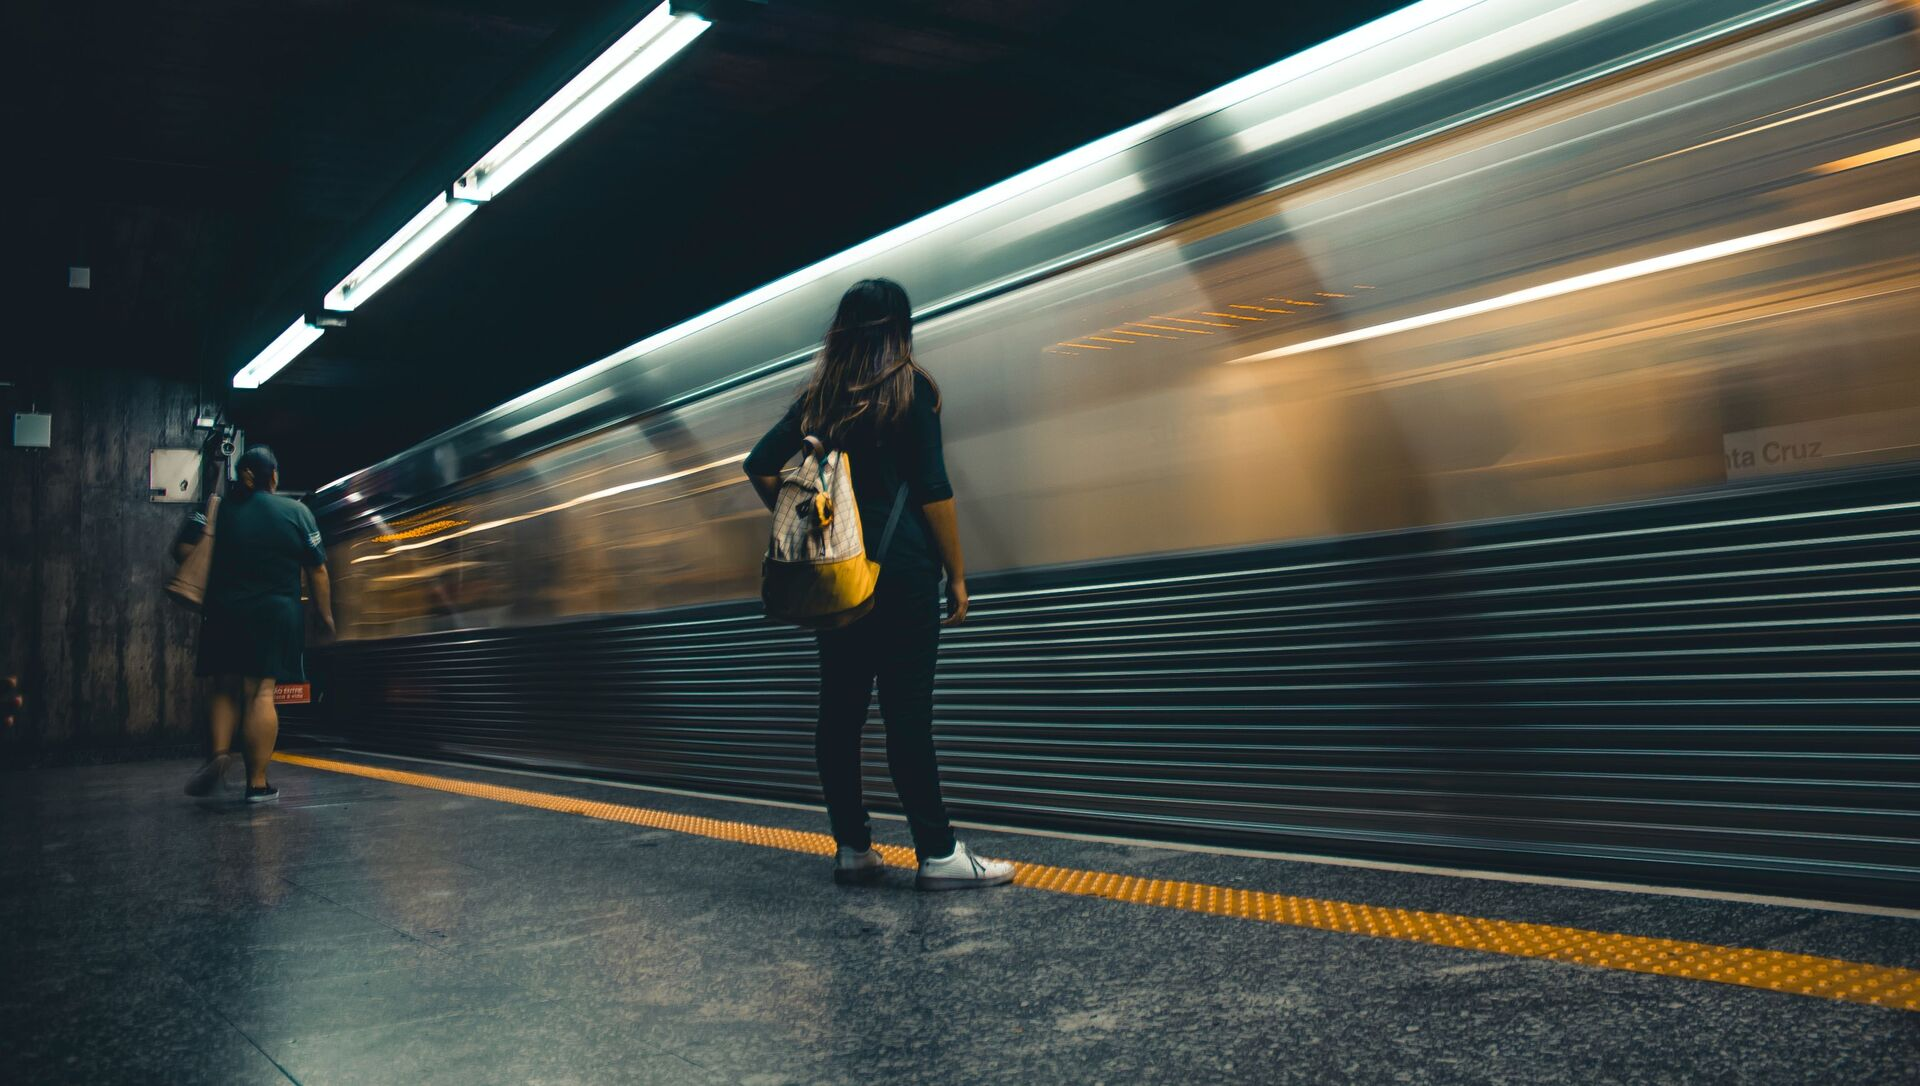 Une femme dans le métro - Sputnik France, 1920, 05.03.2021